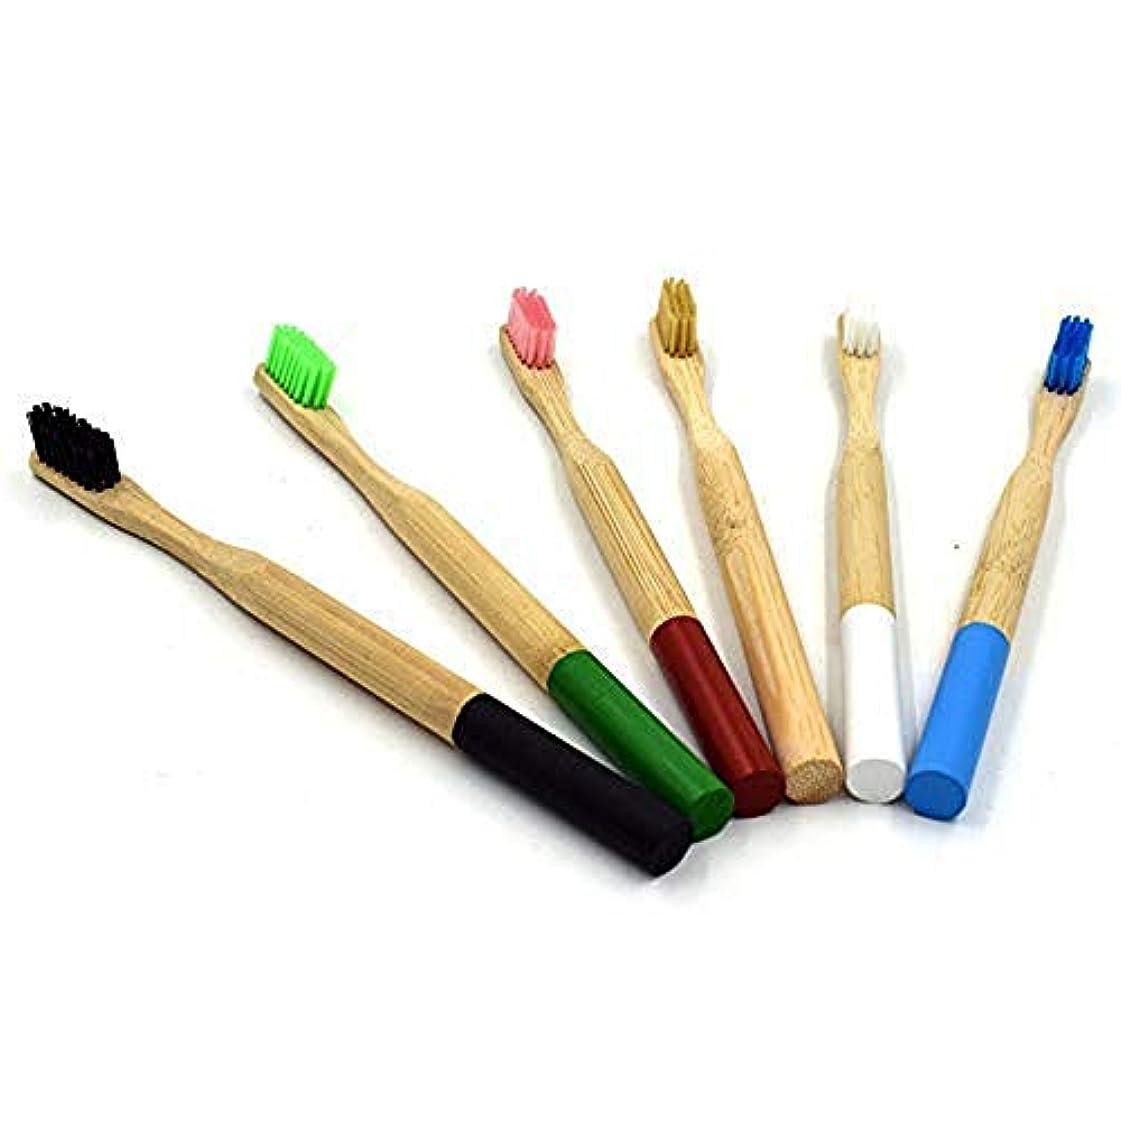 退屈させる写真のはずTAOVK 6pcs 柔らかい毛の木製の歯のブラシ竹のハンドルの歯科口腔ケアの歯ブラシ